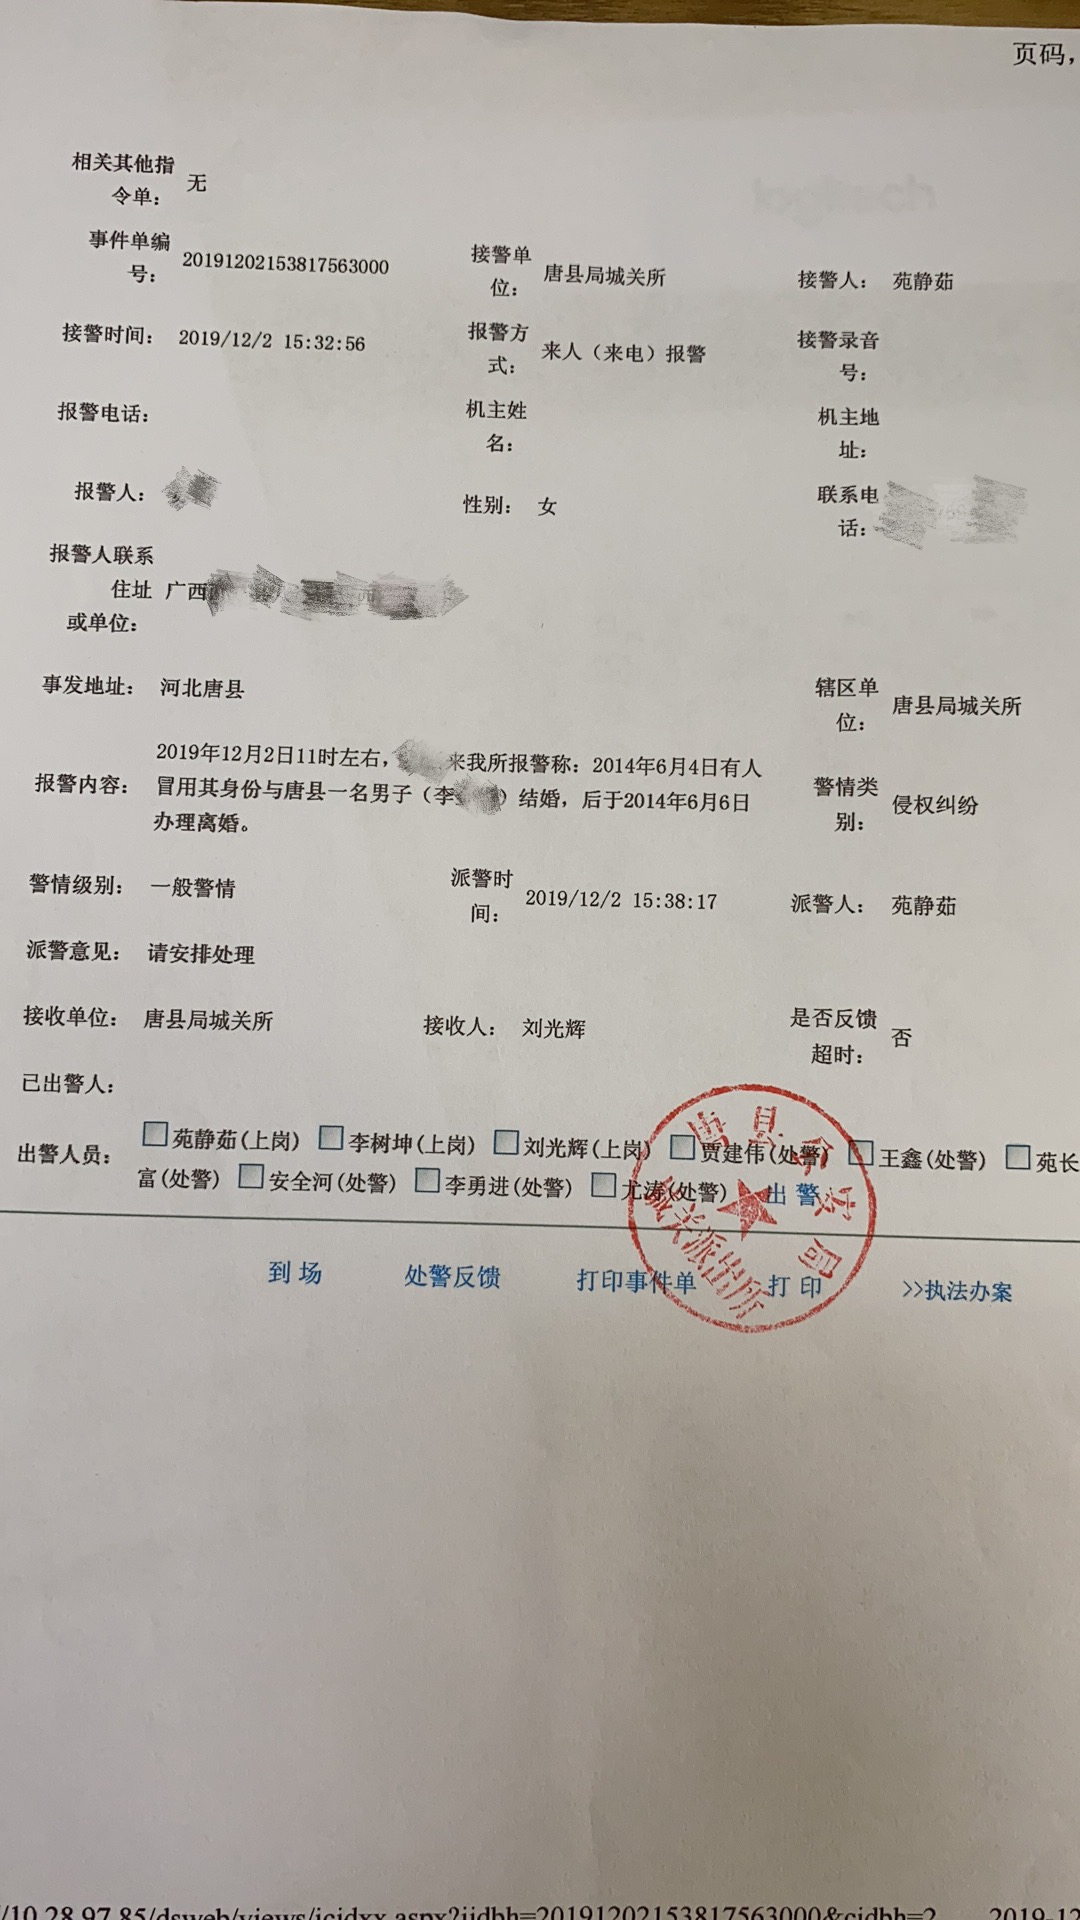 唐县公安局城关派出所报警回执。本文图片均为受访者供图